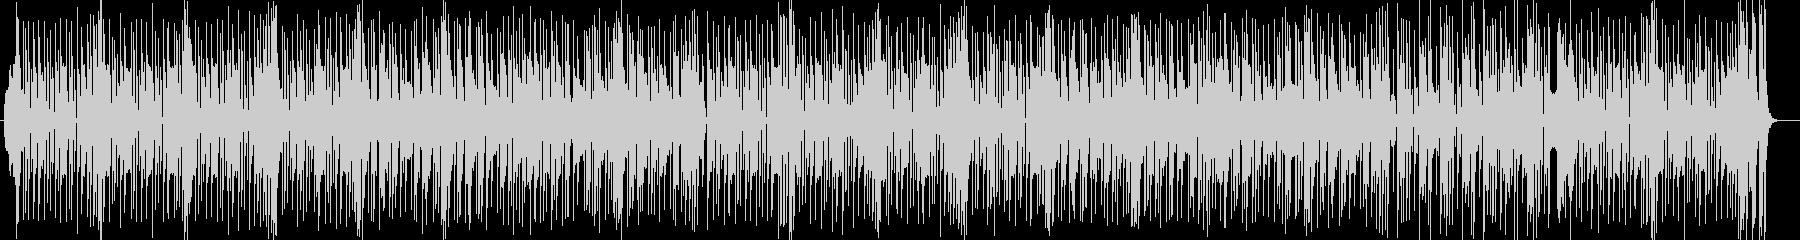 明るいシンセ・ドラムなどのサウンドの未再生の波形